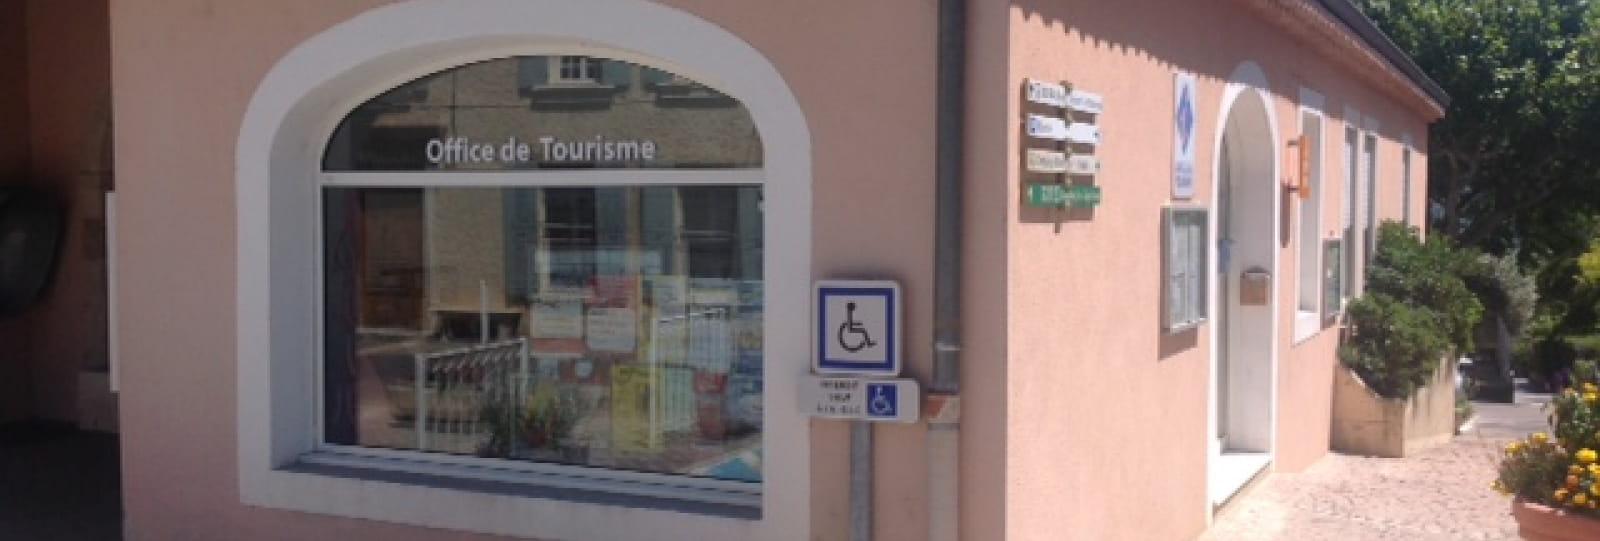 Office de Tourisme des Baronnies en Drôme Provençale - antenne de Vinsobres